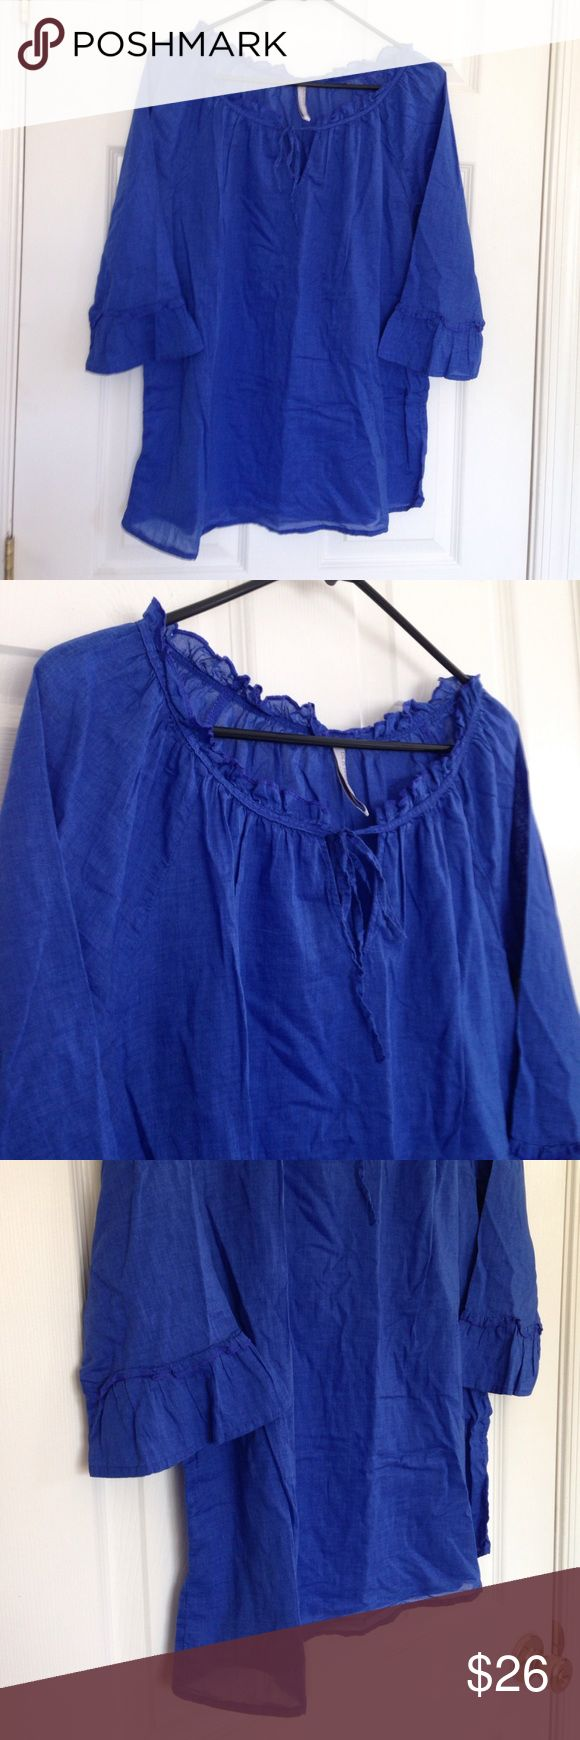 Royal Blue Ruffle Blouse 21